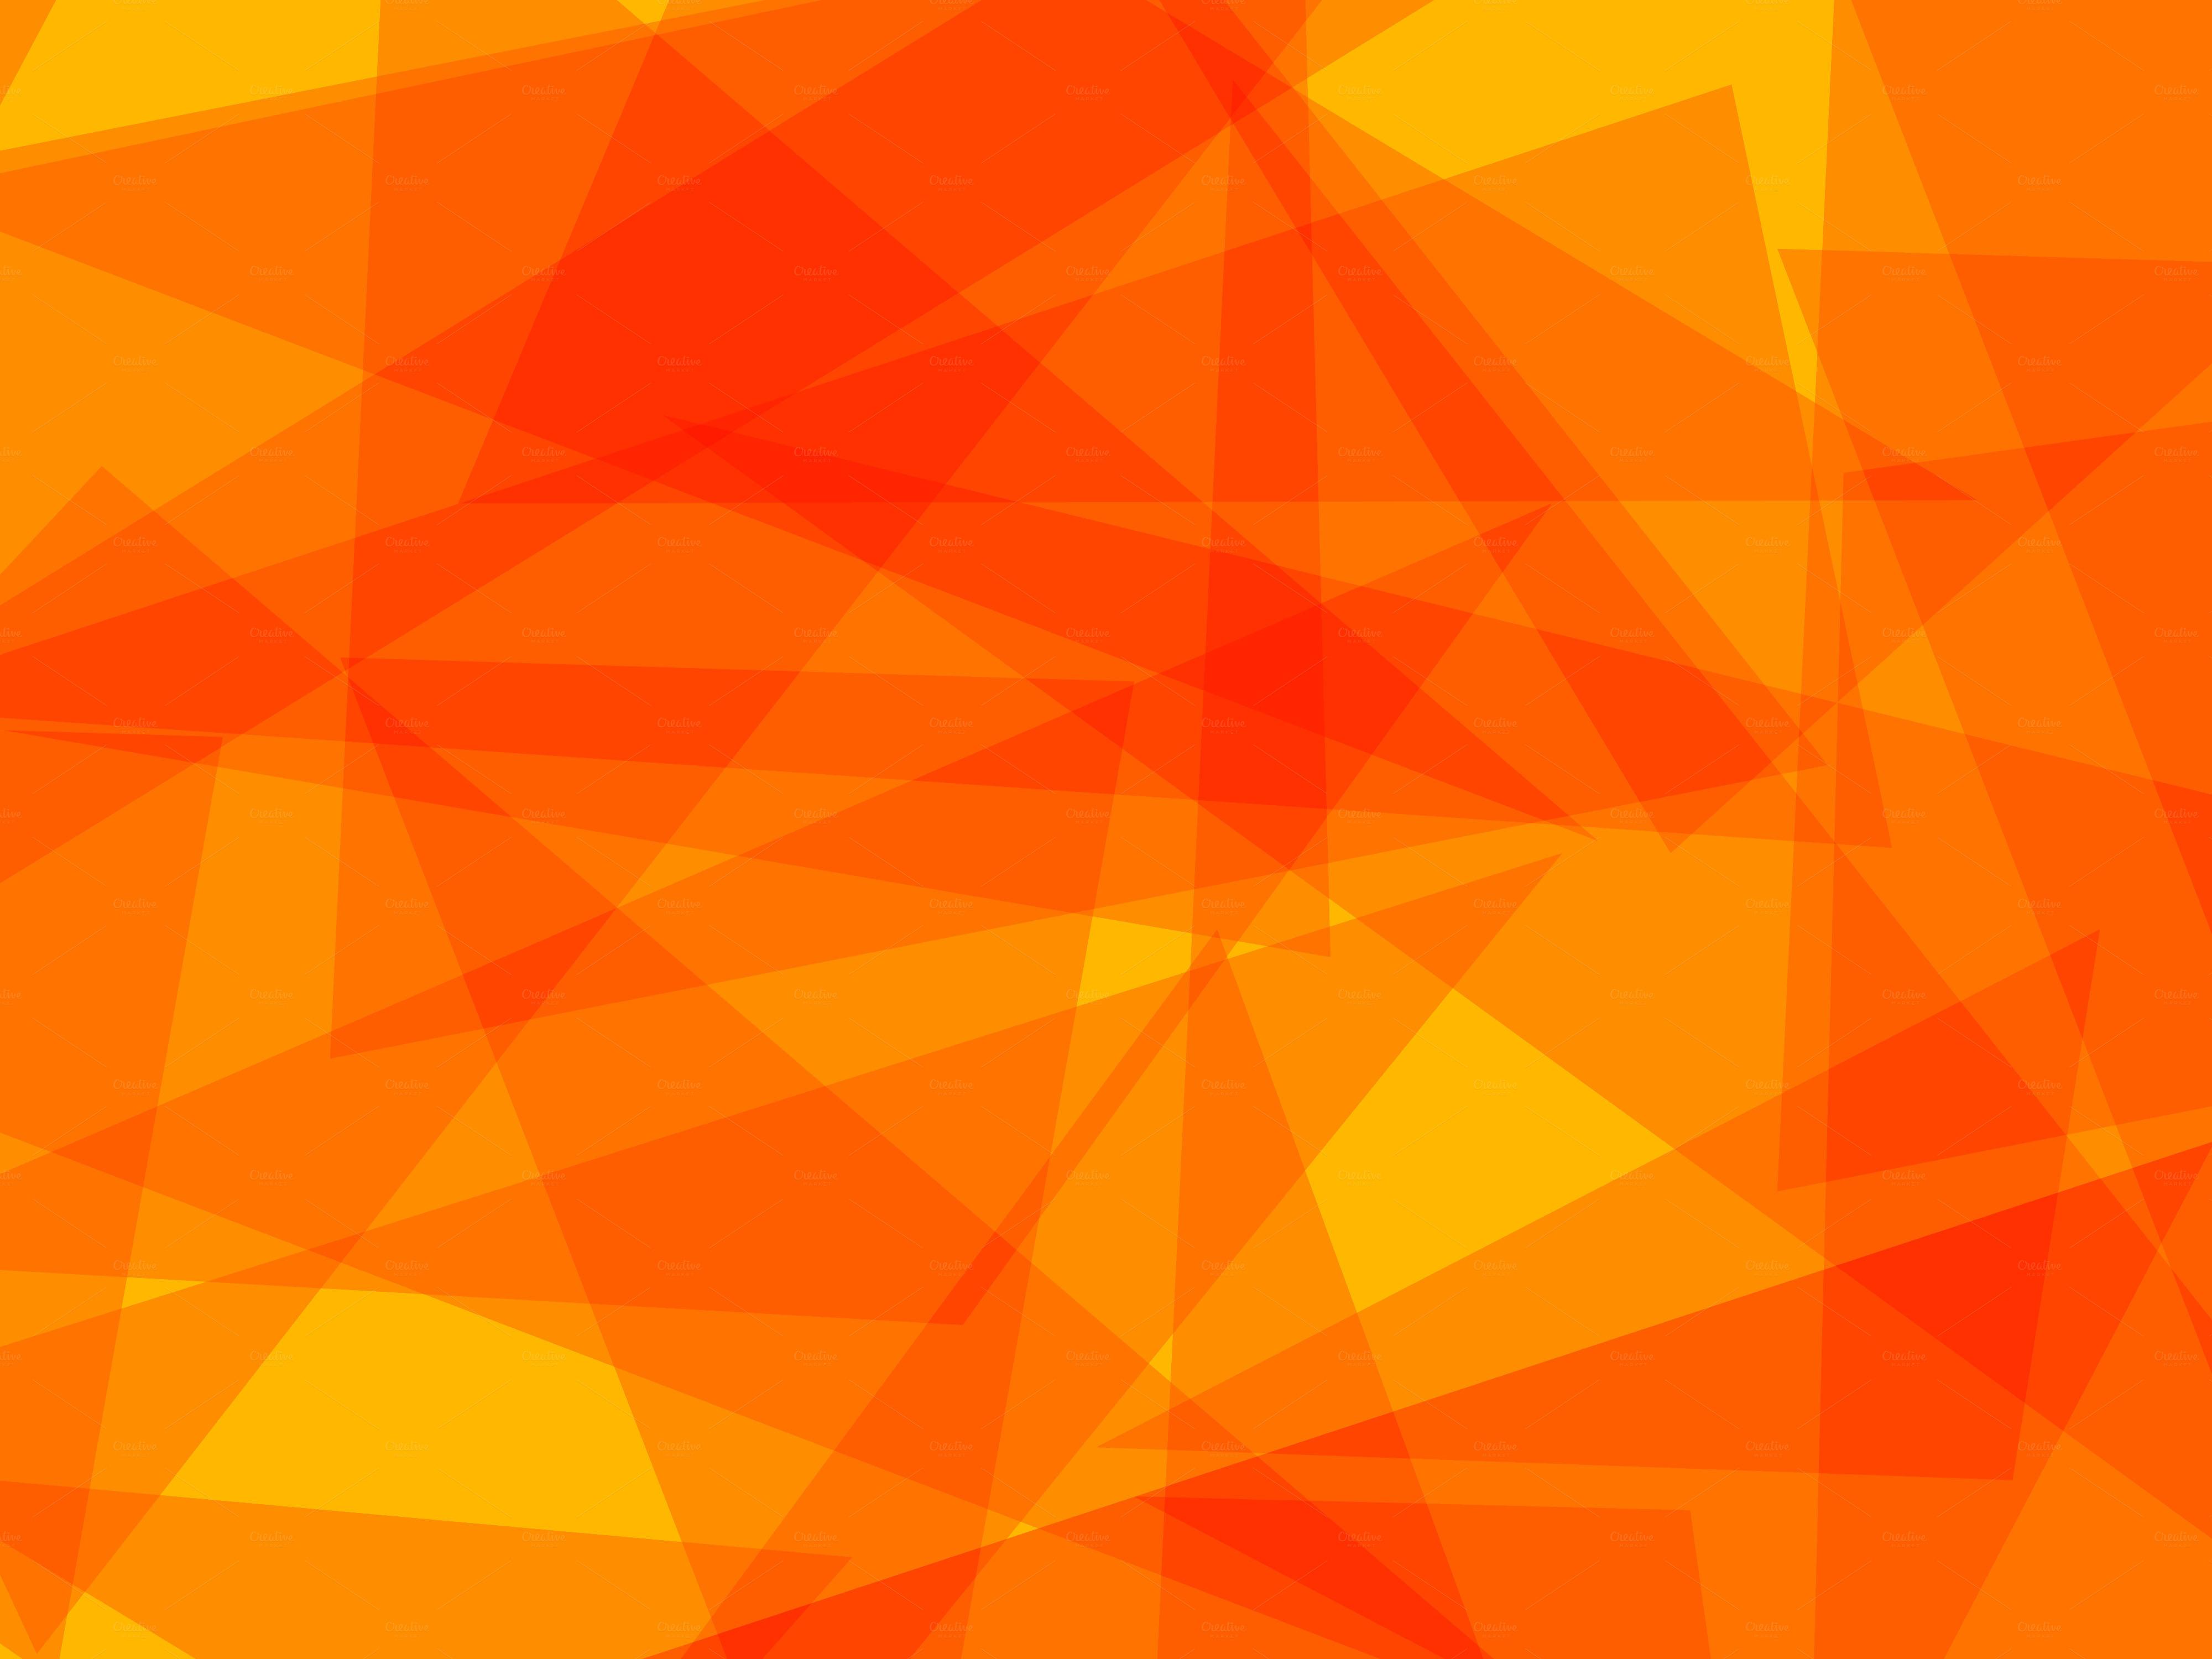 Orange Wallpaper 3   4000 X 3000 stmednet 4000x3000